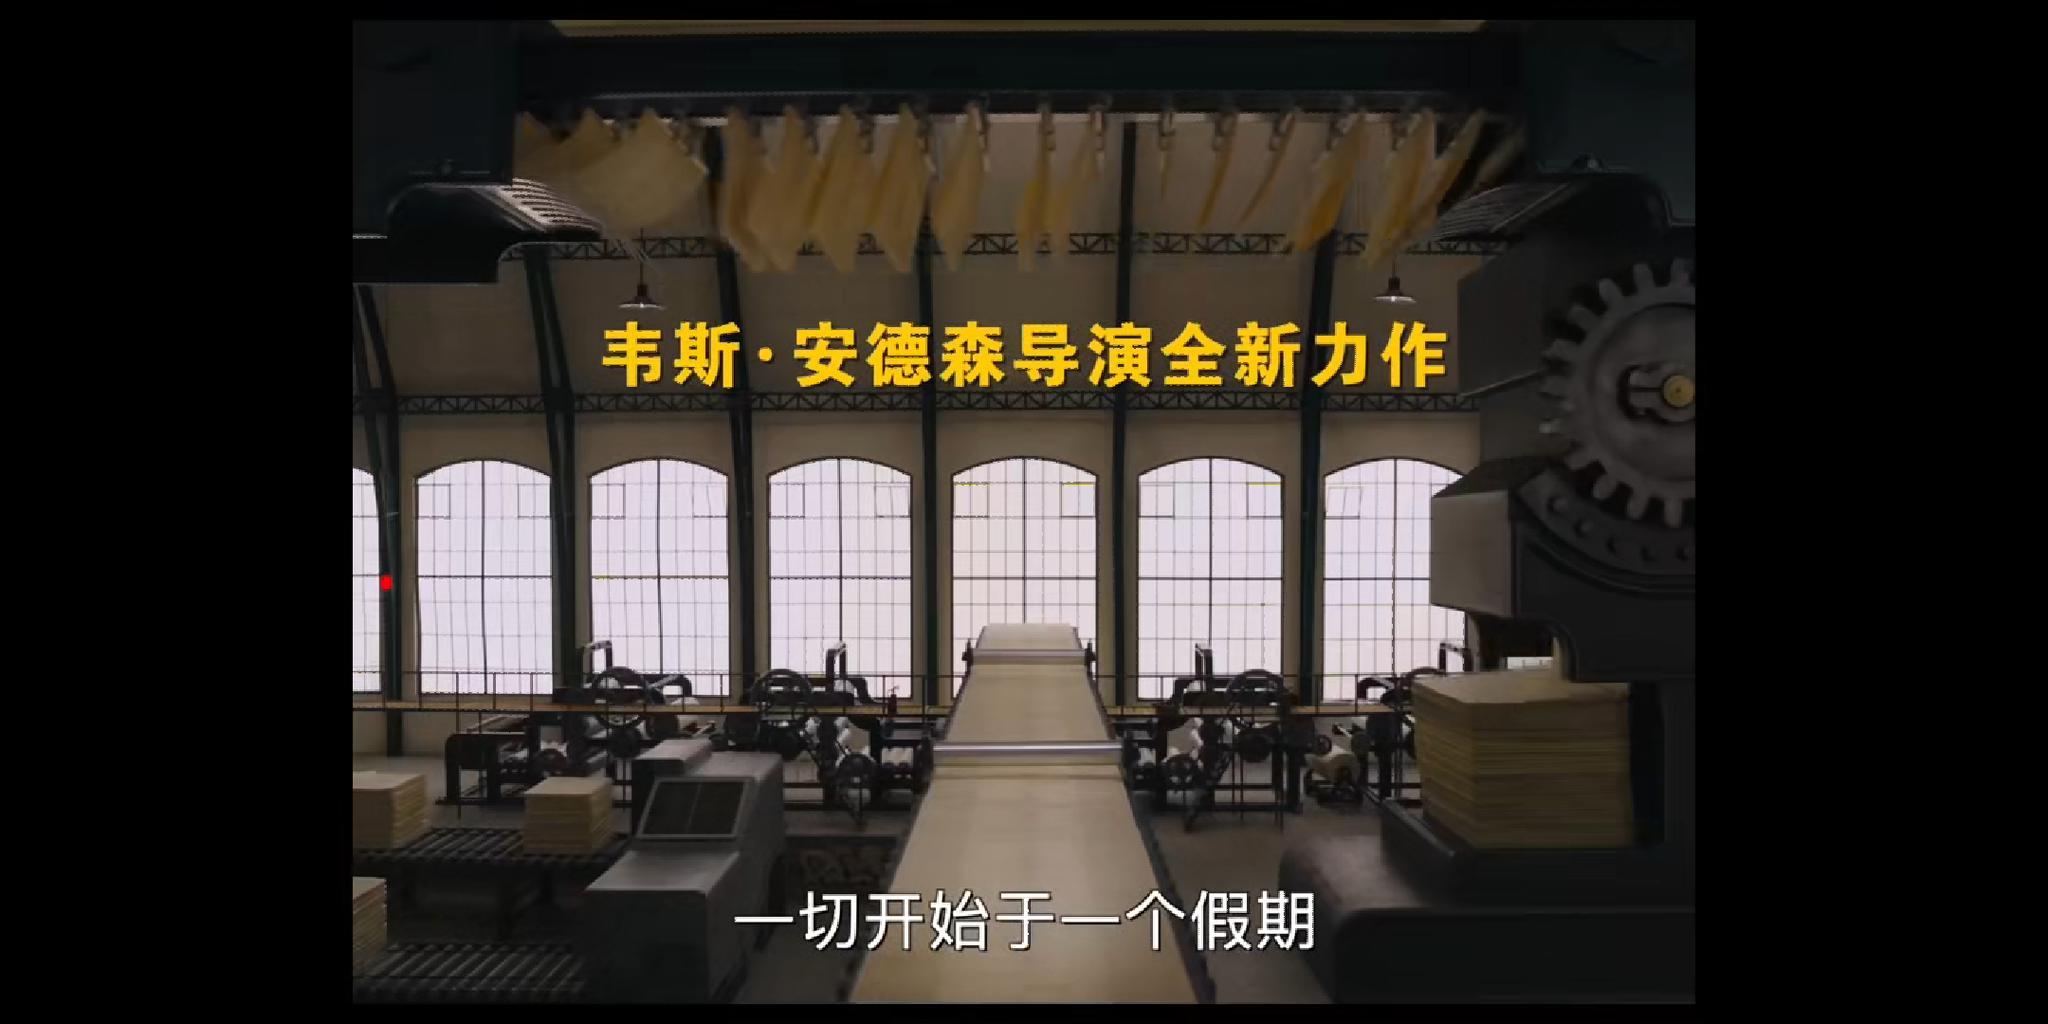 《法兰西特派》原定于10月16日在北美上映,现在因疫情影响撤档延期